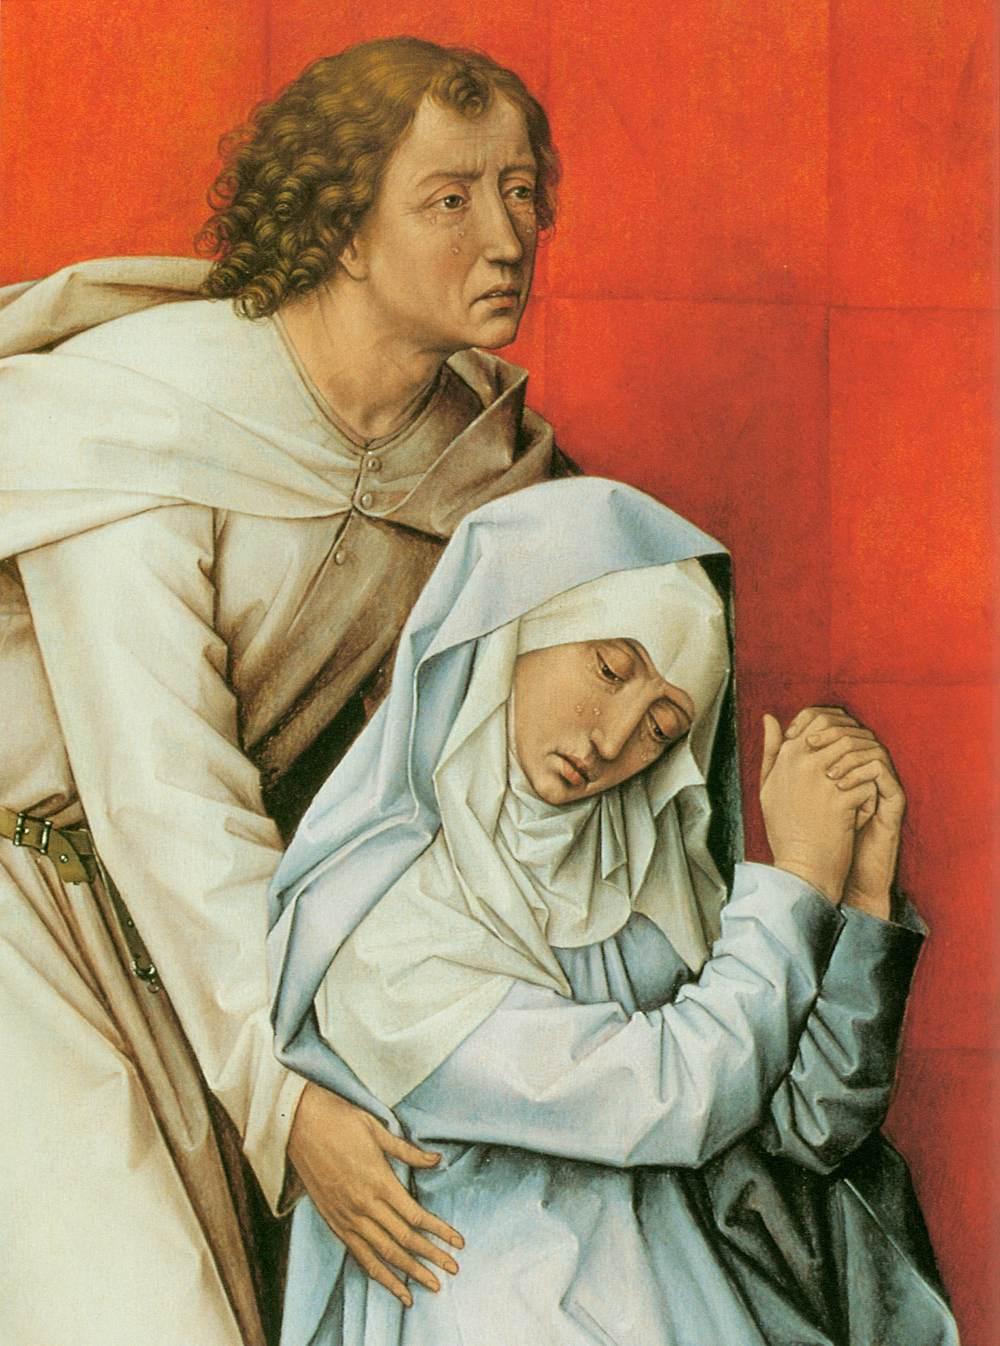 van-der-weyden-crucifixion-detail.jpg